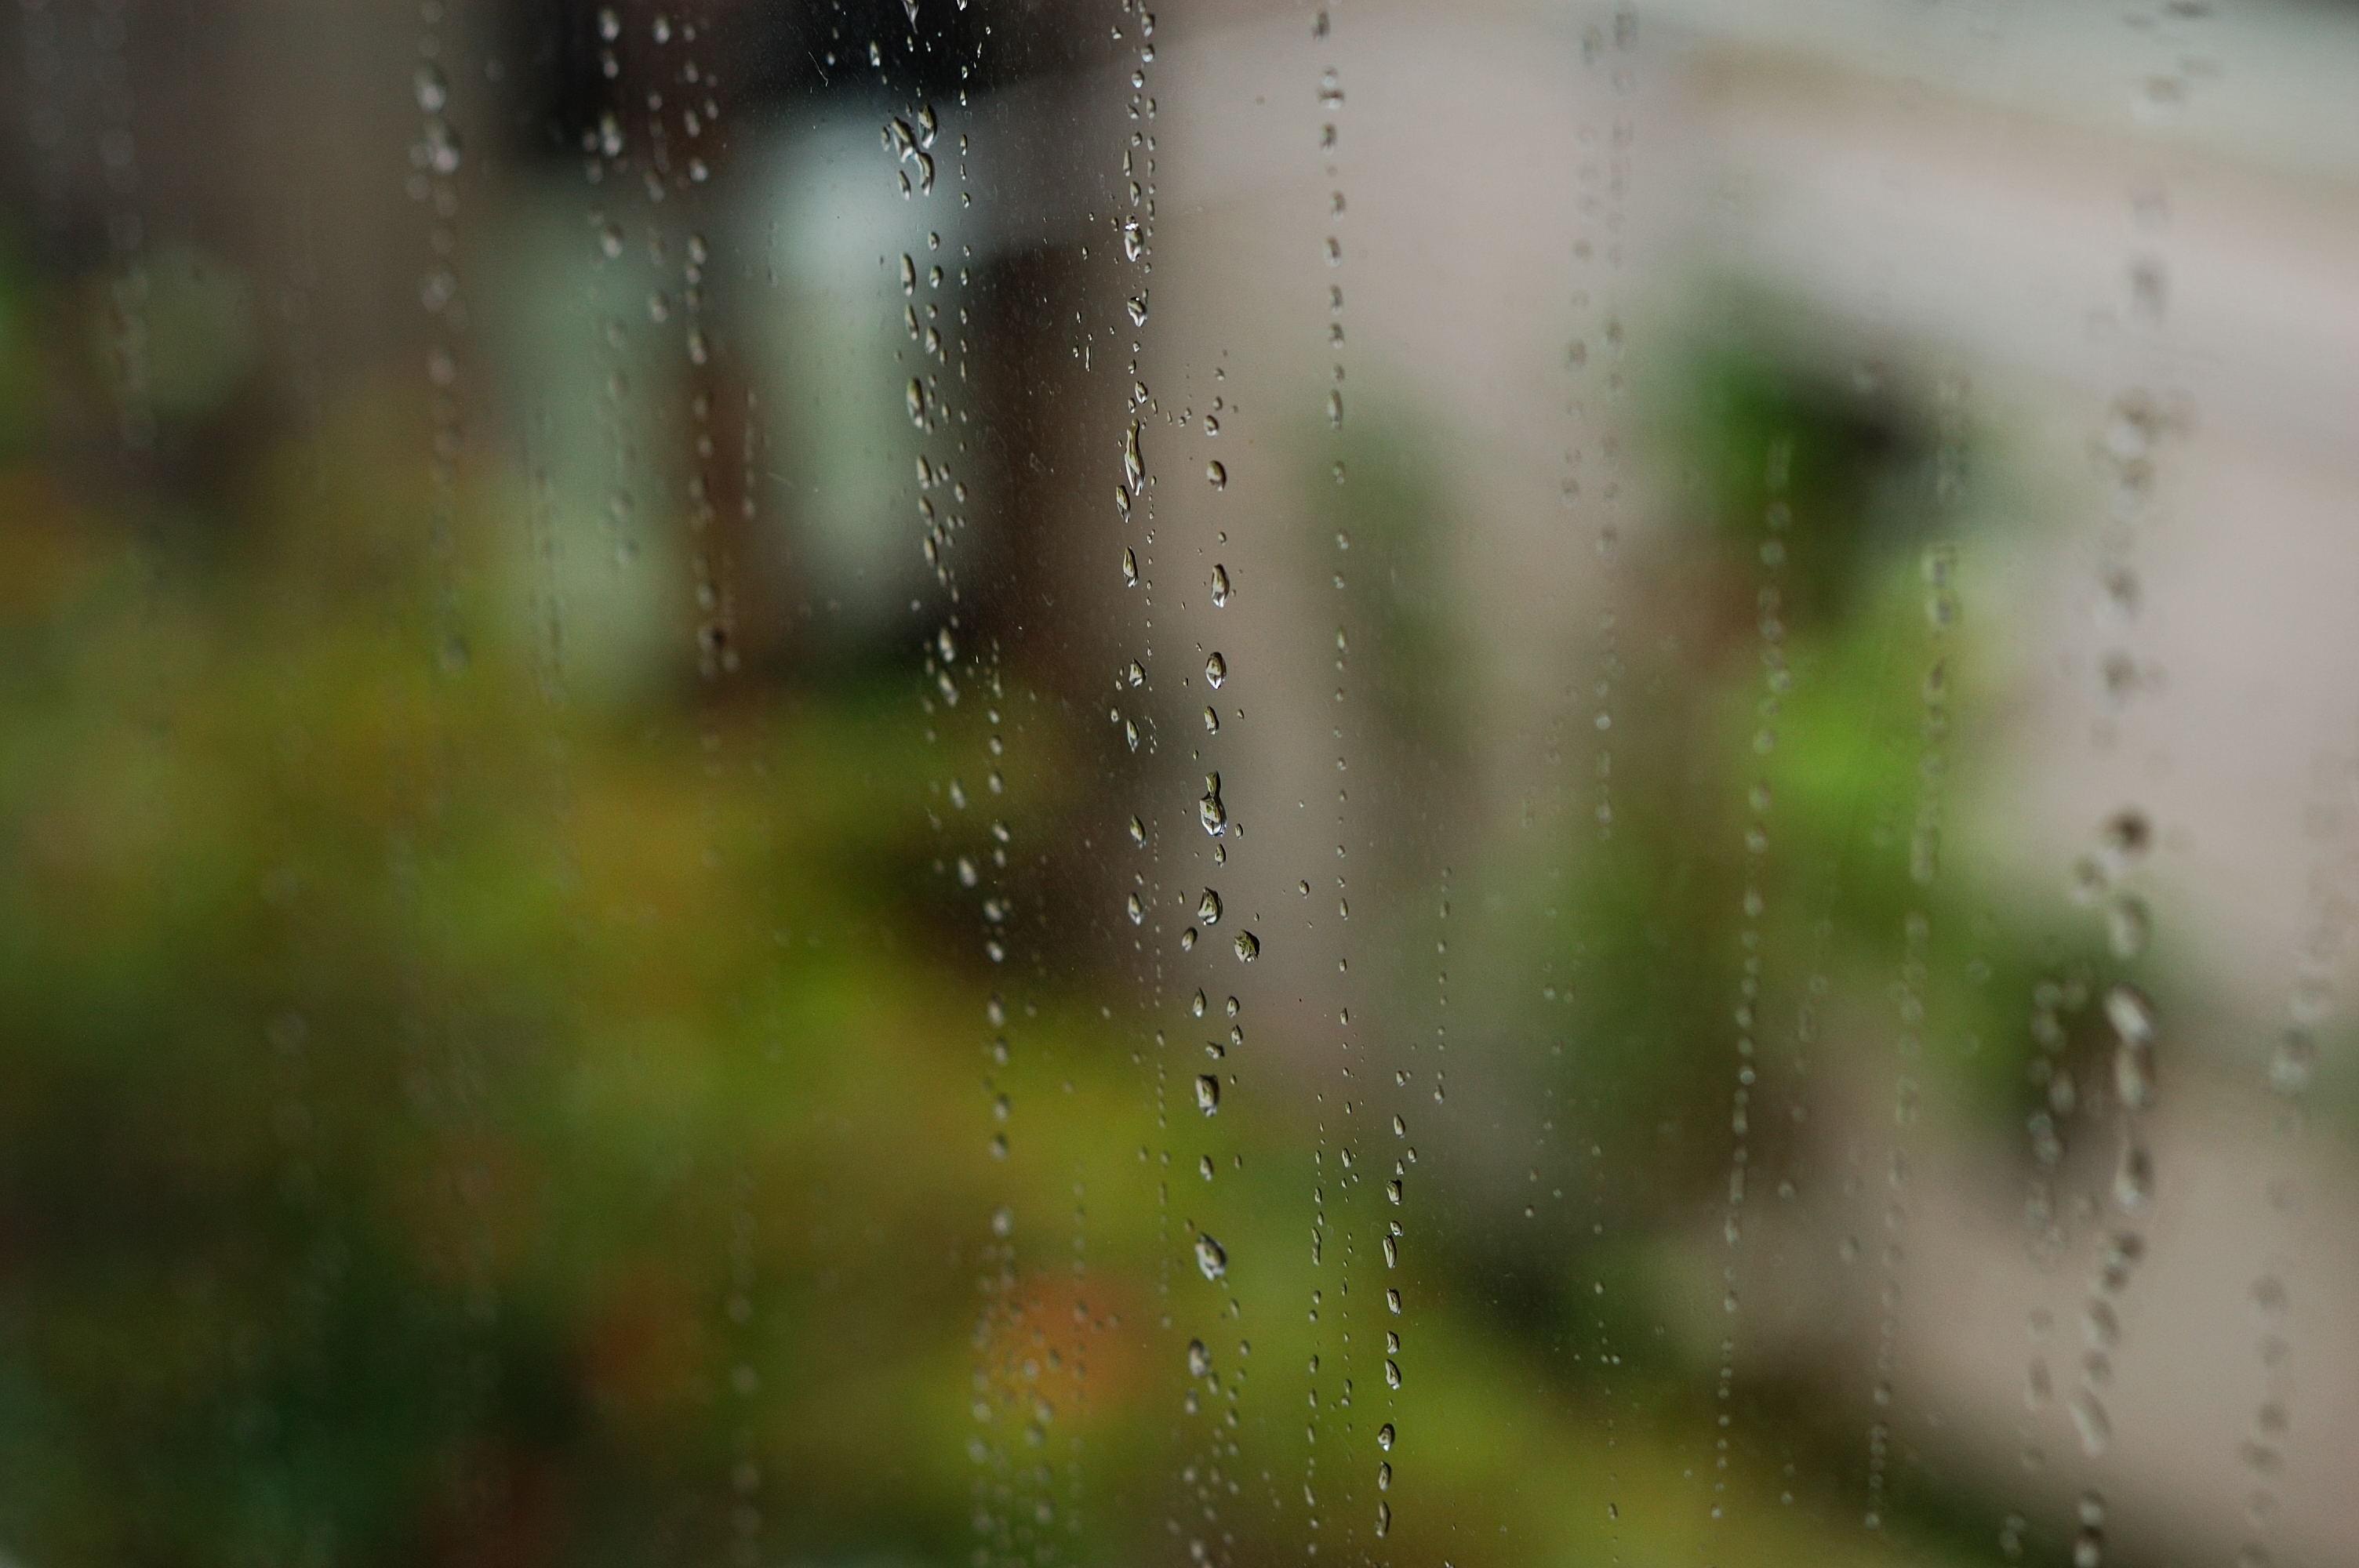 241/365: Raindrops